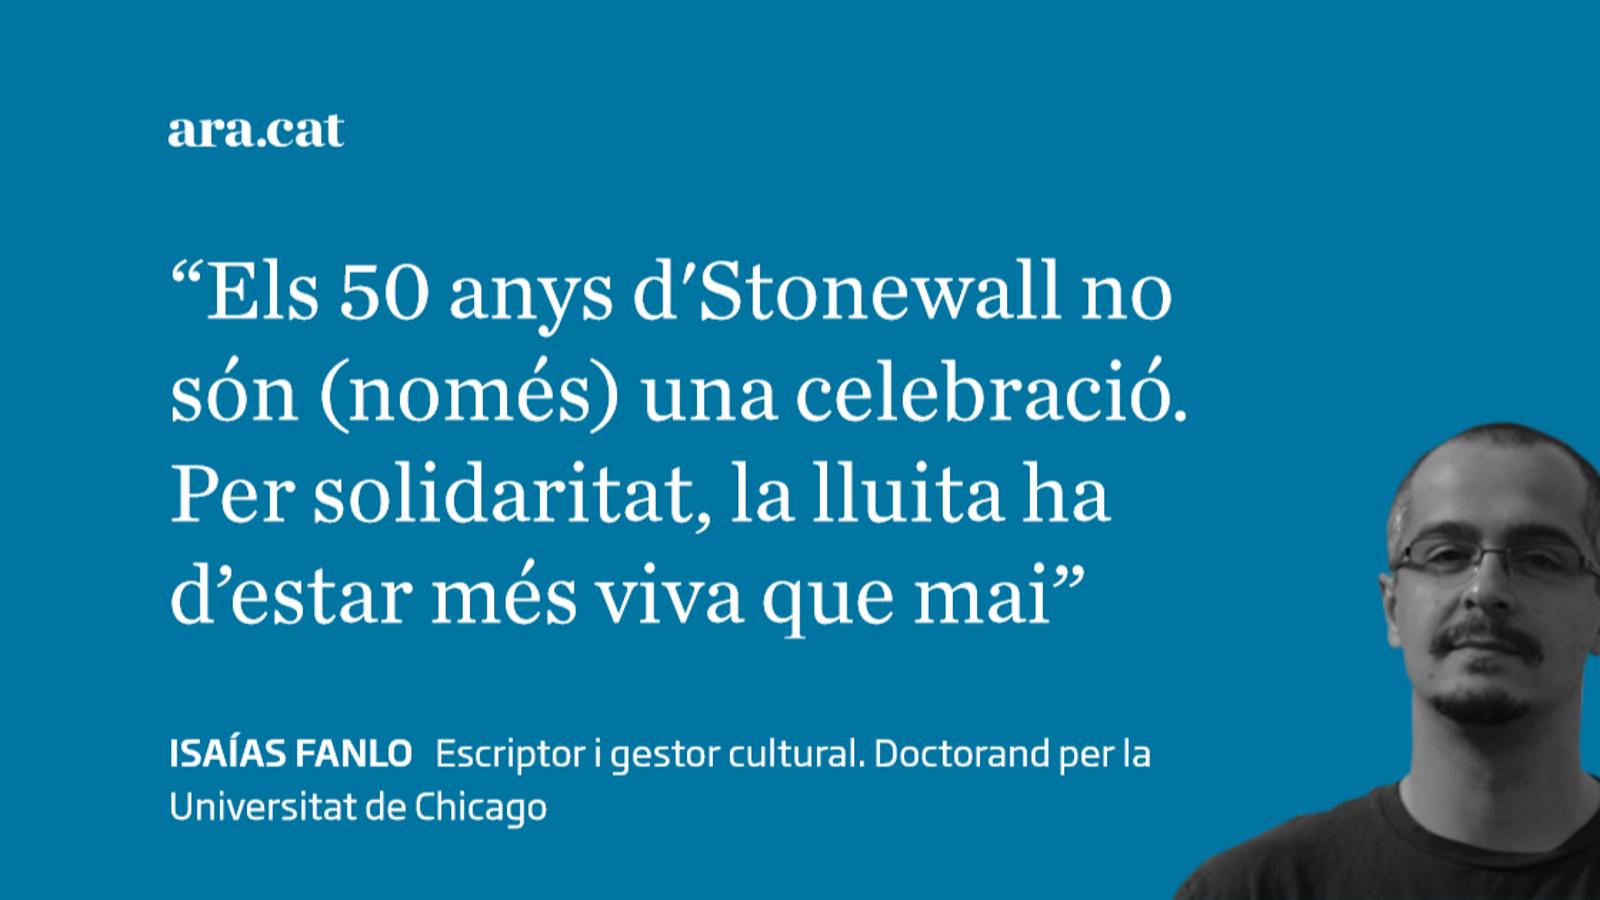 Stonewall: 50 anys de revolució LGTBI